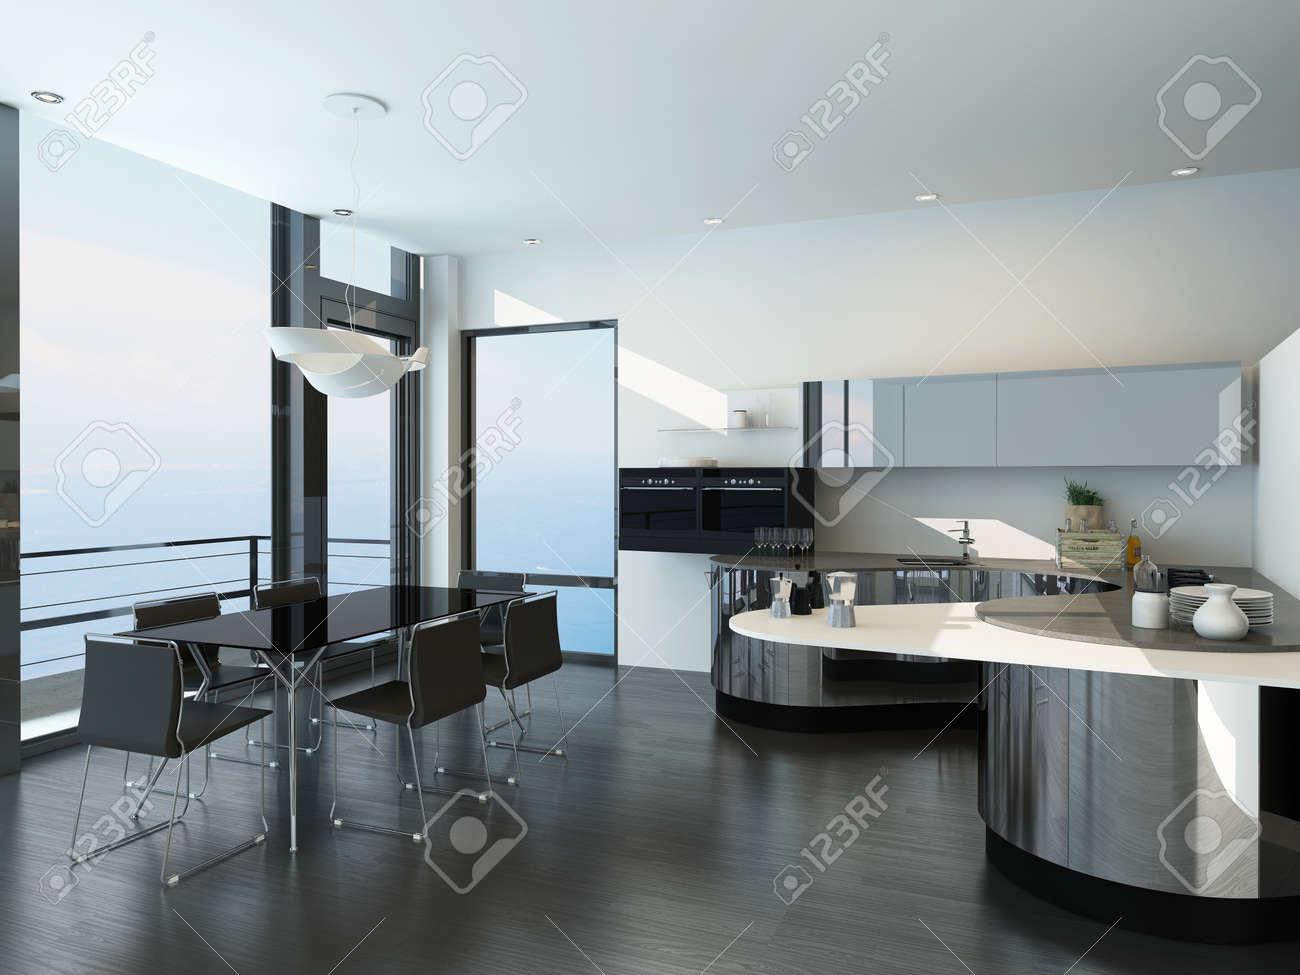 Moderne Luxus Schwarz Weiss Stil Kuche Interieur Lizenzfreie Fotos